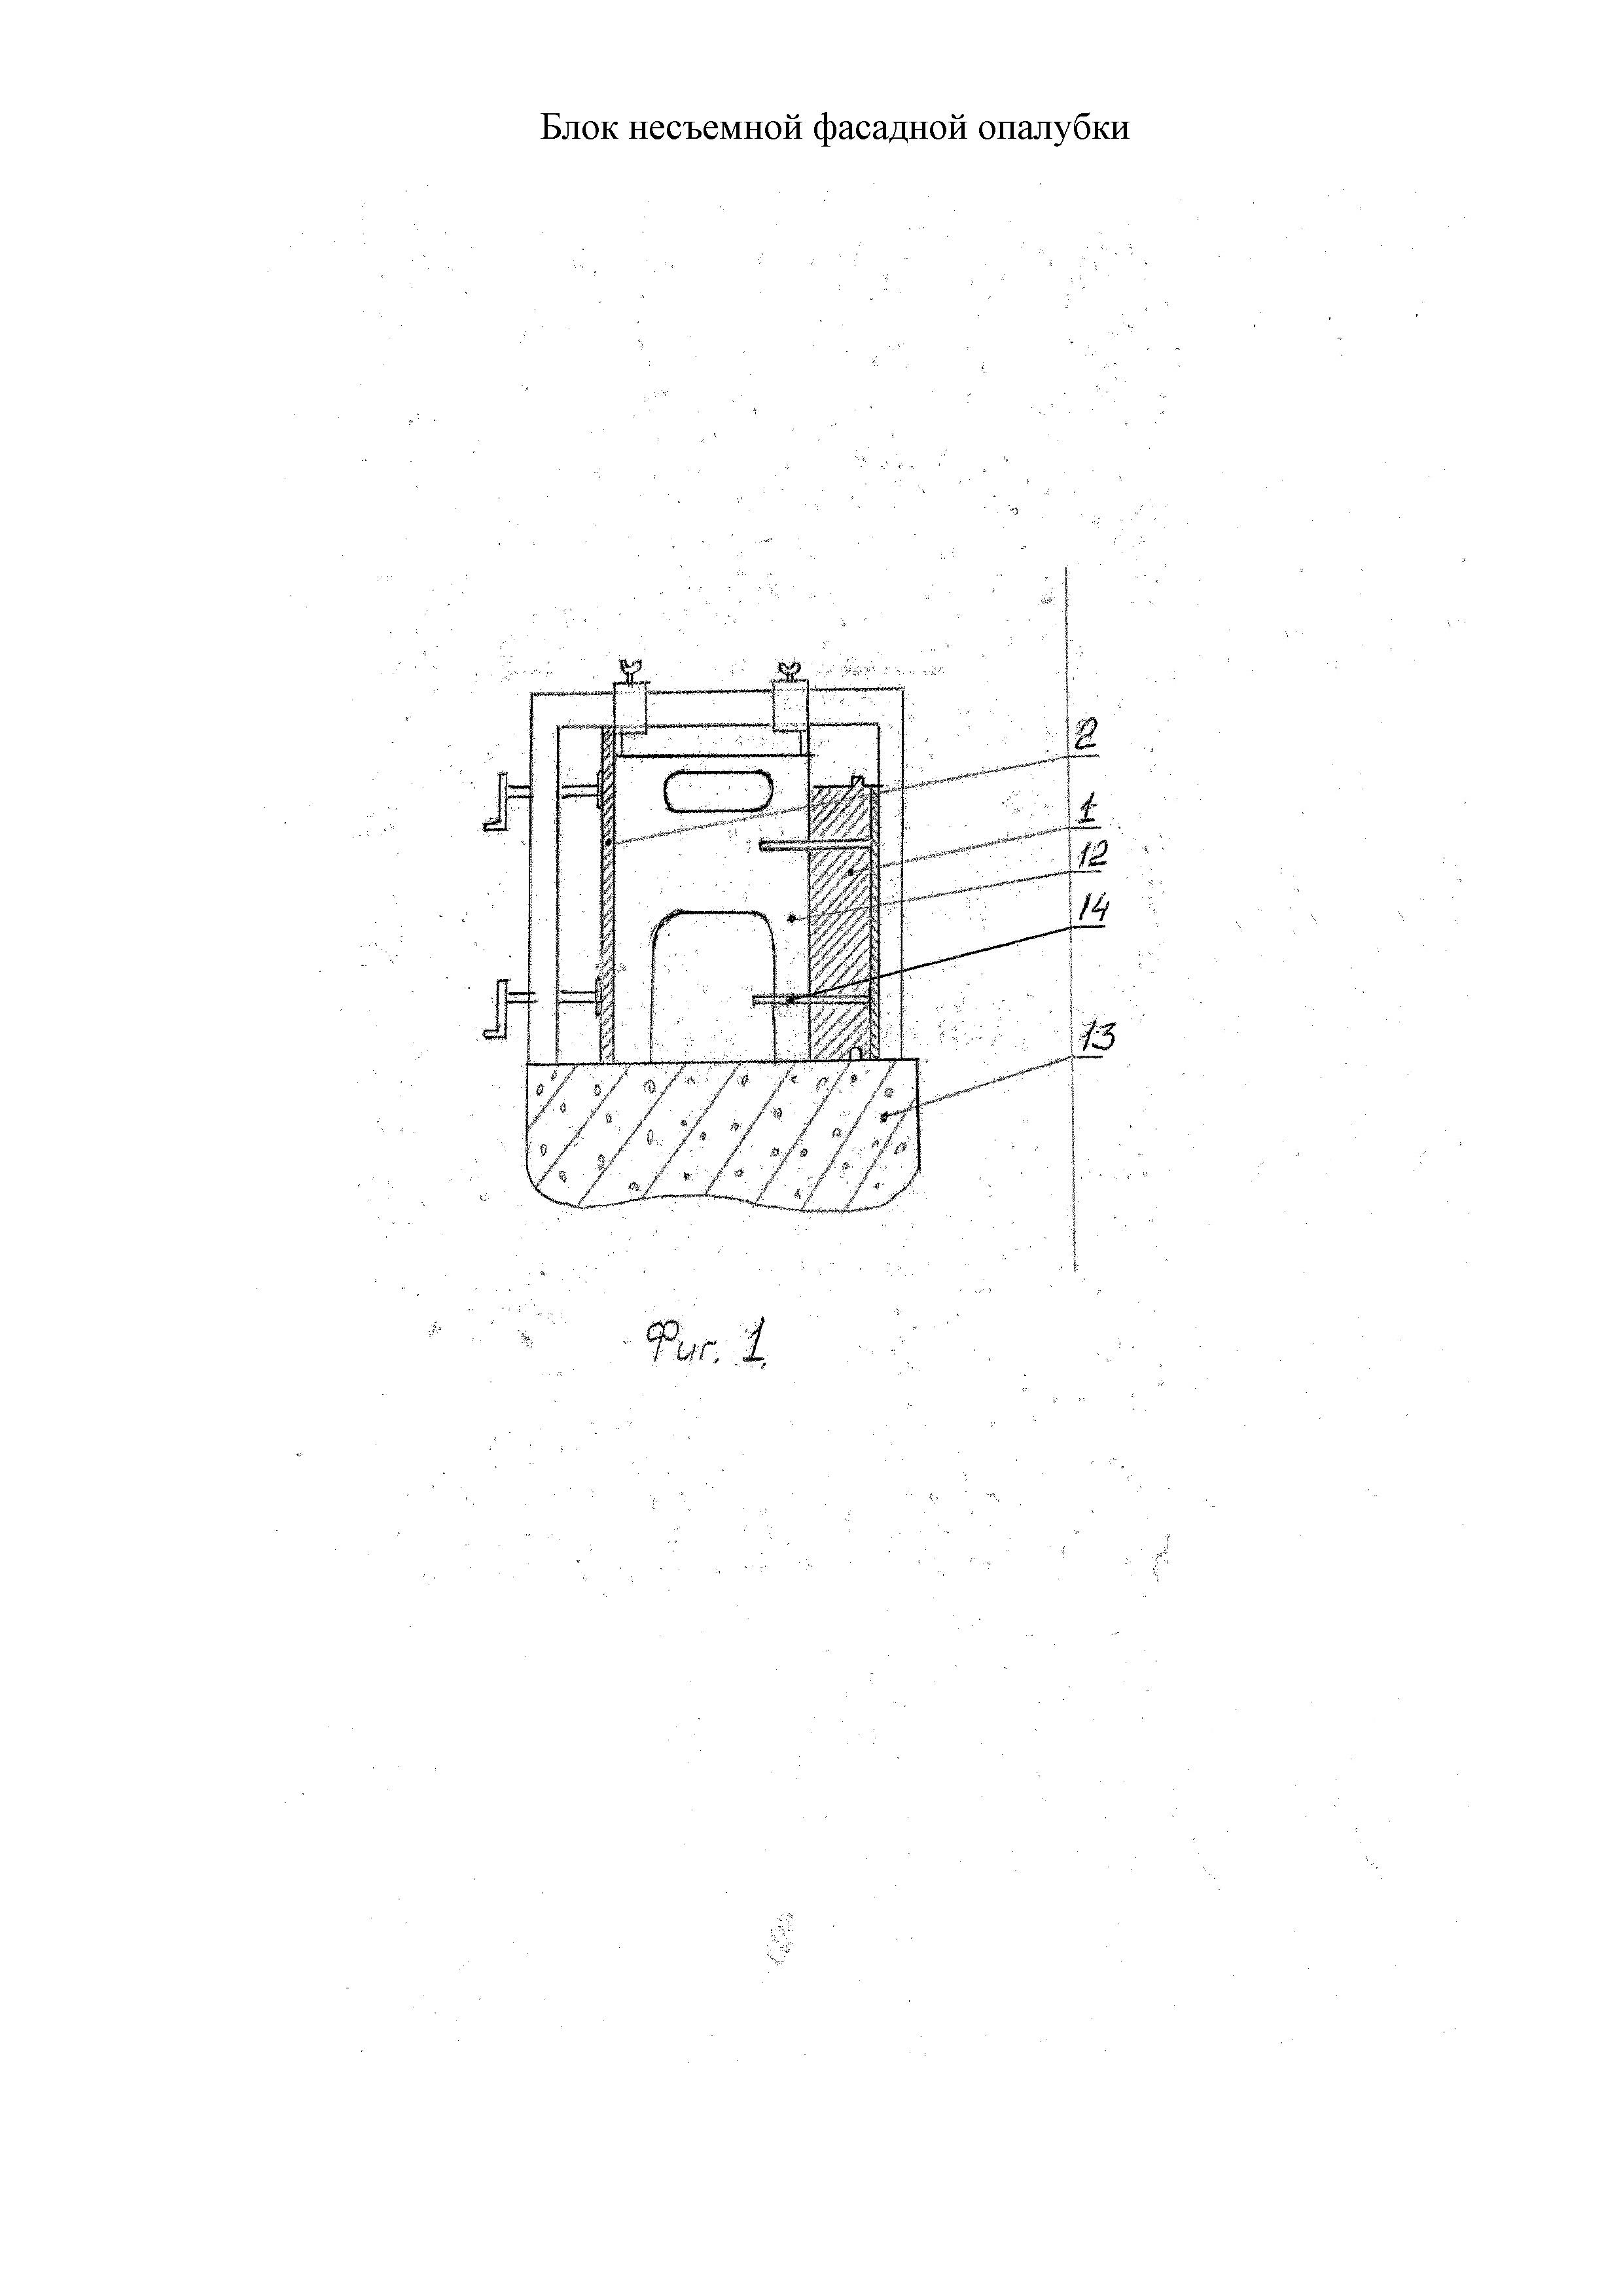 Блок несъемной фасадной опалубки